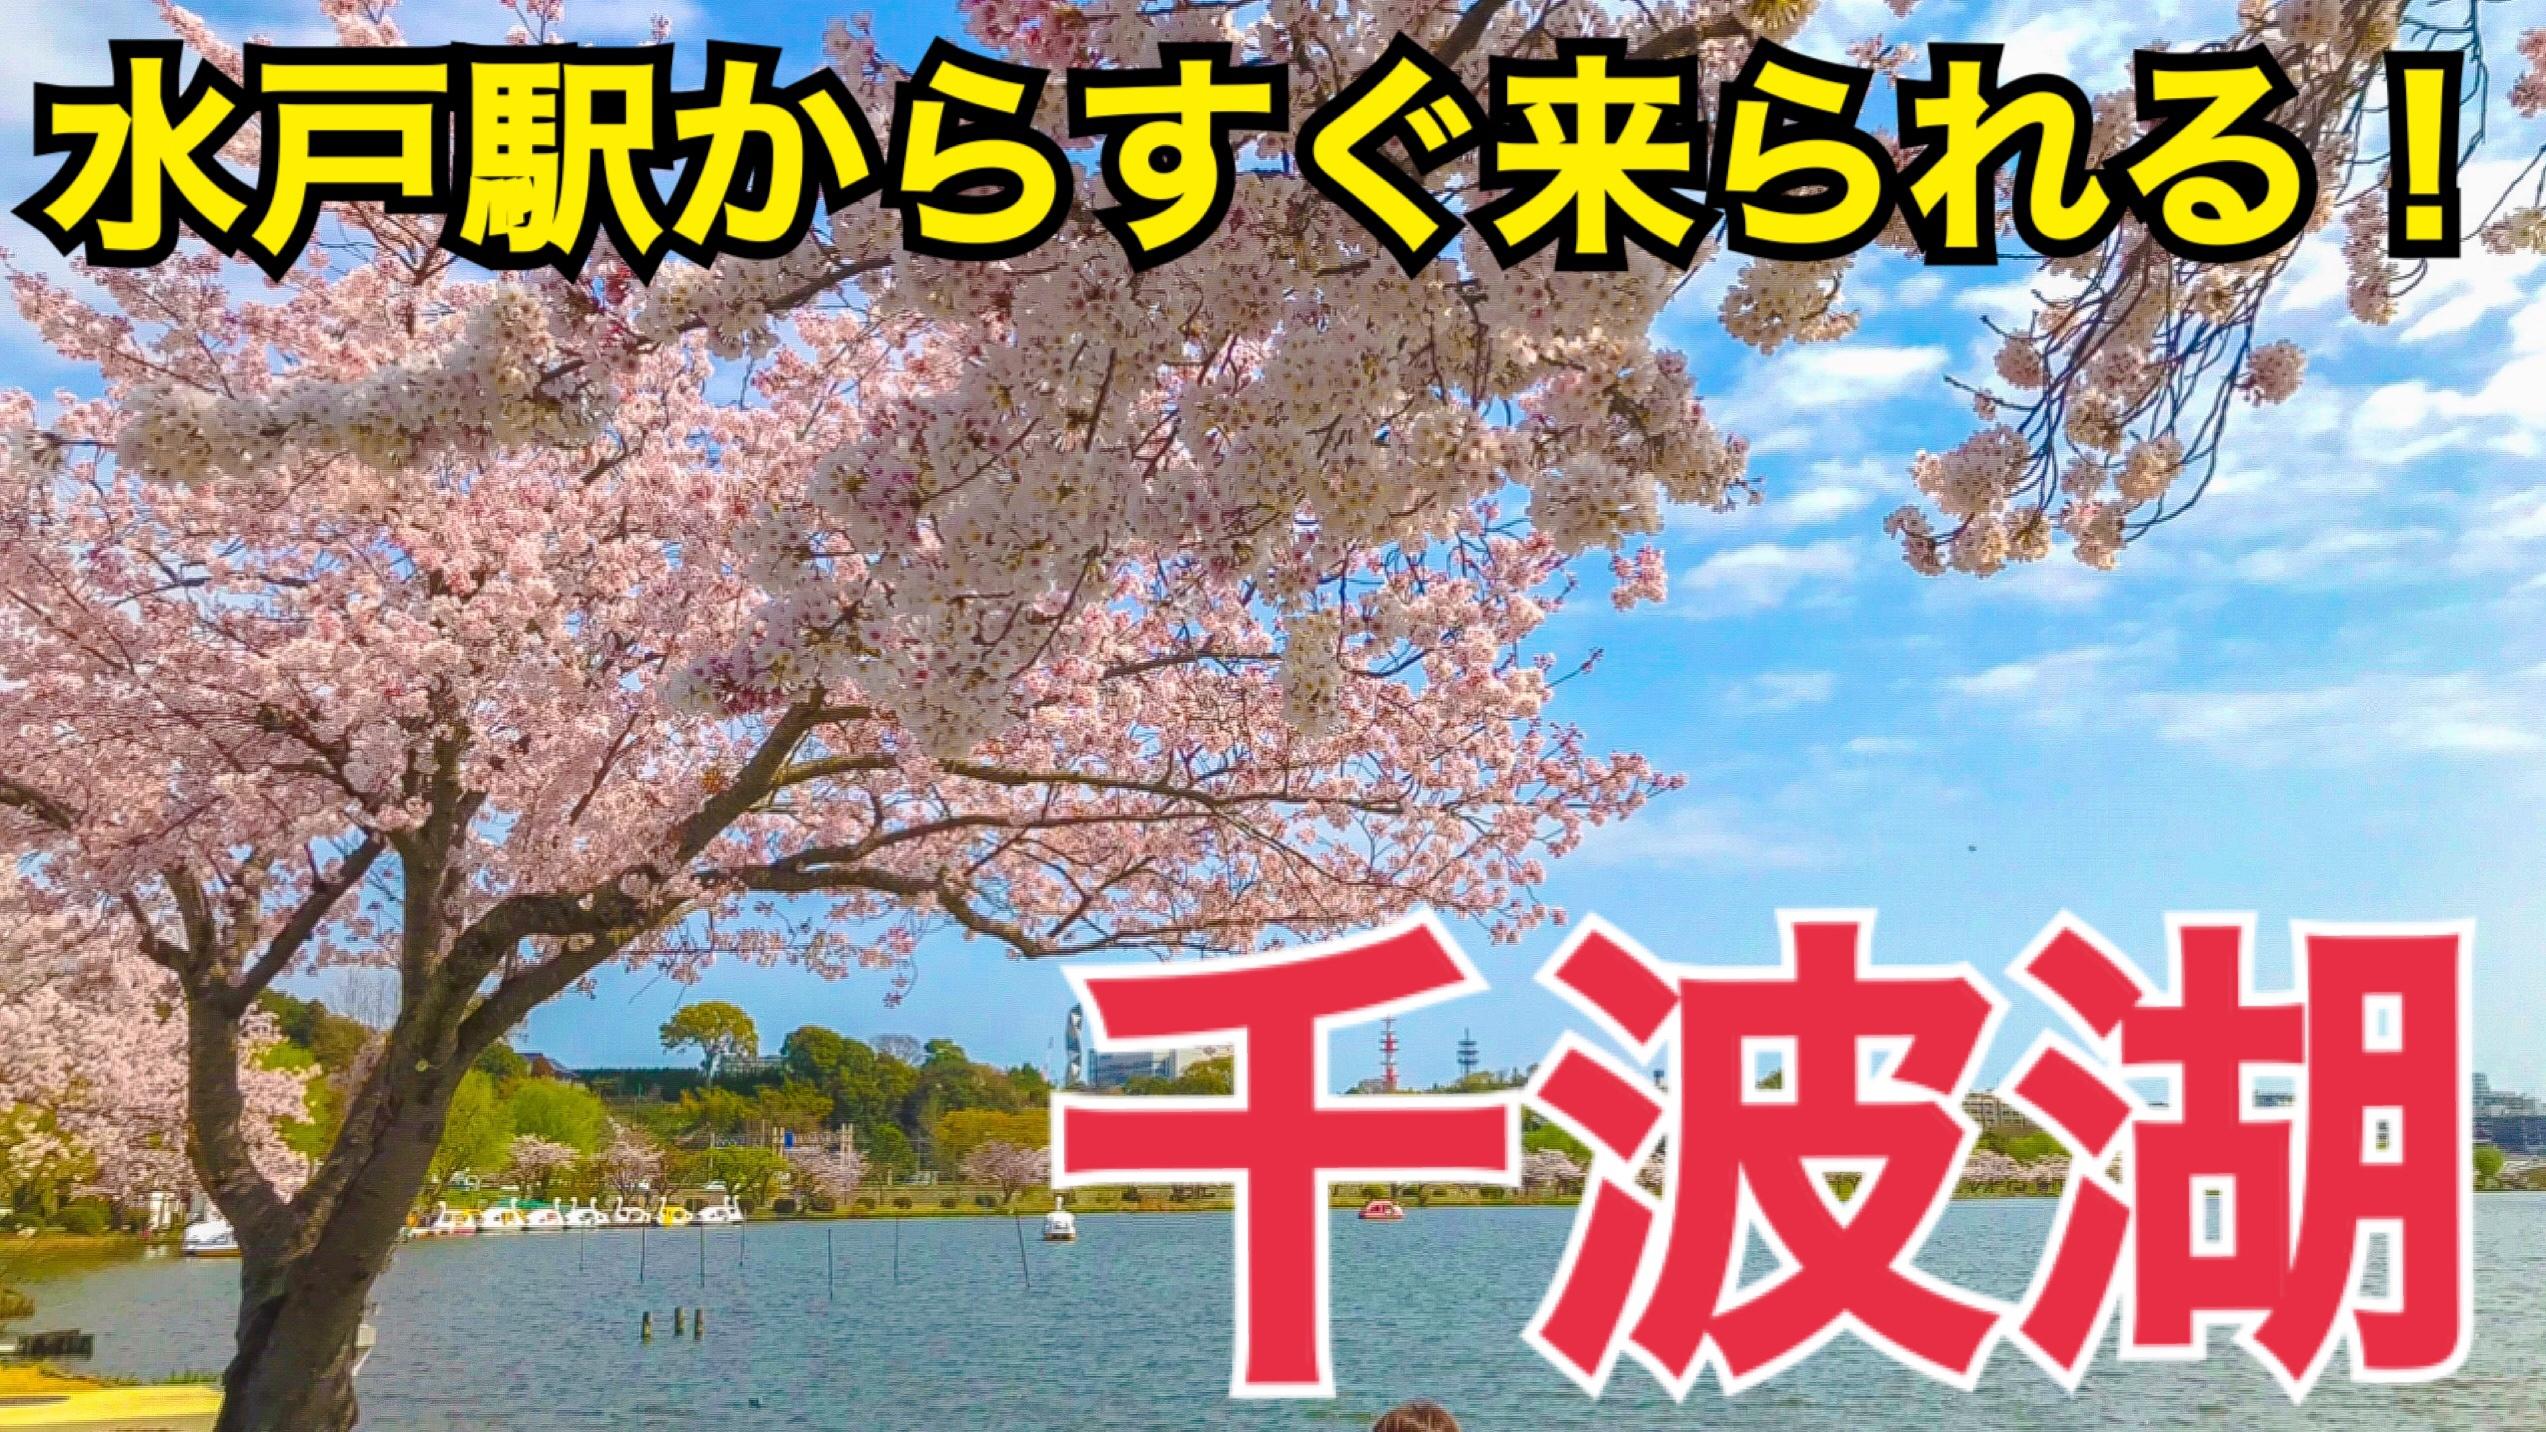 途中下車ですぐ来られる!水戸の千波湖を観光!乗り換え時間でお手軽観光【茨城魅力発見の旅】